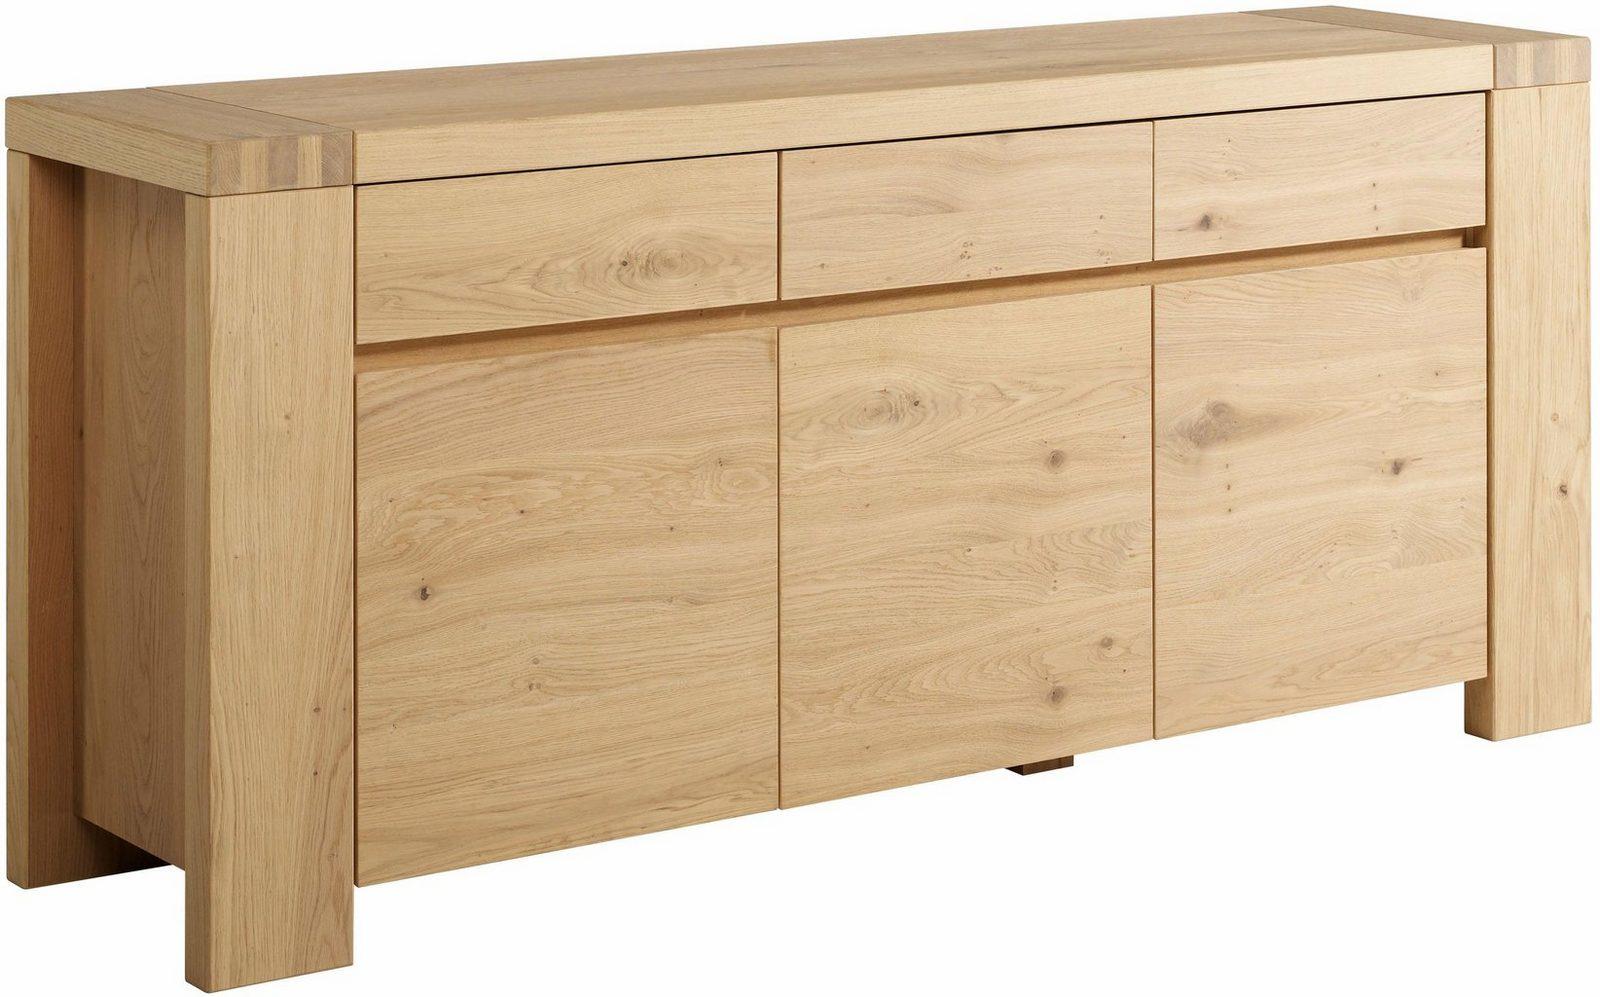 Home affaire Sideboard «Elina», Breite 178 cm jetztbilligerkaufen